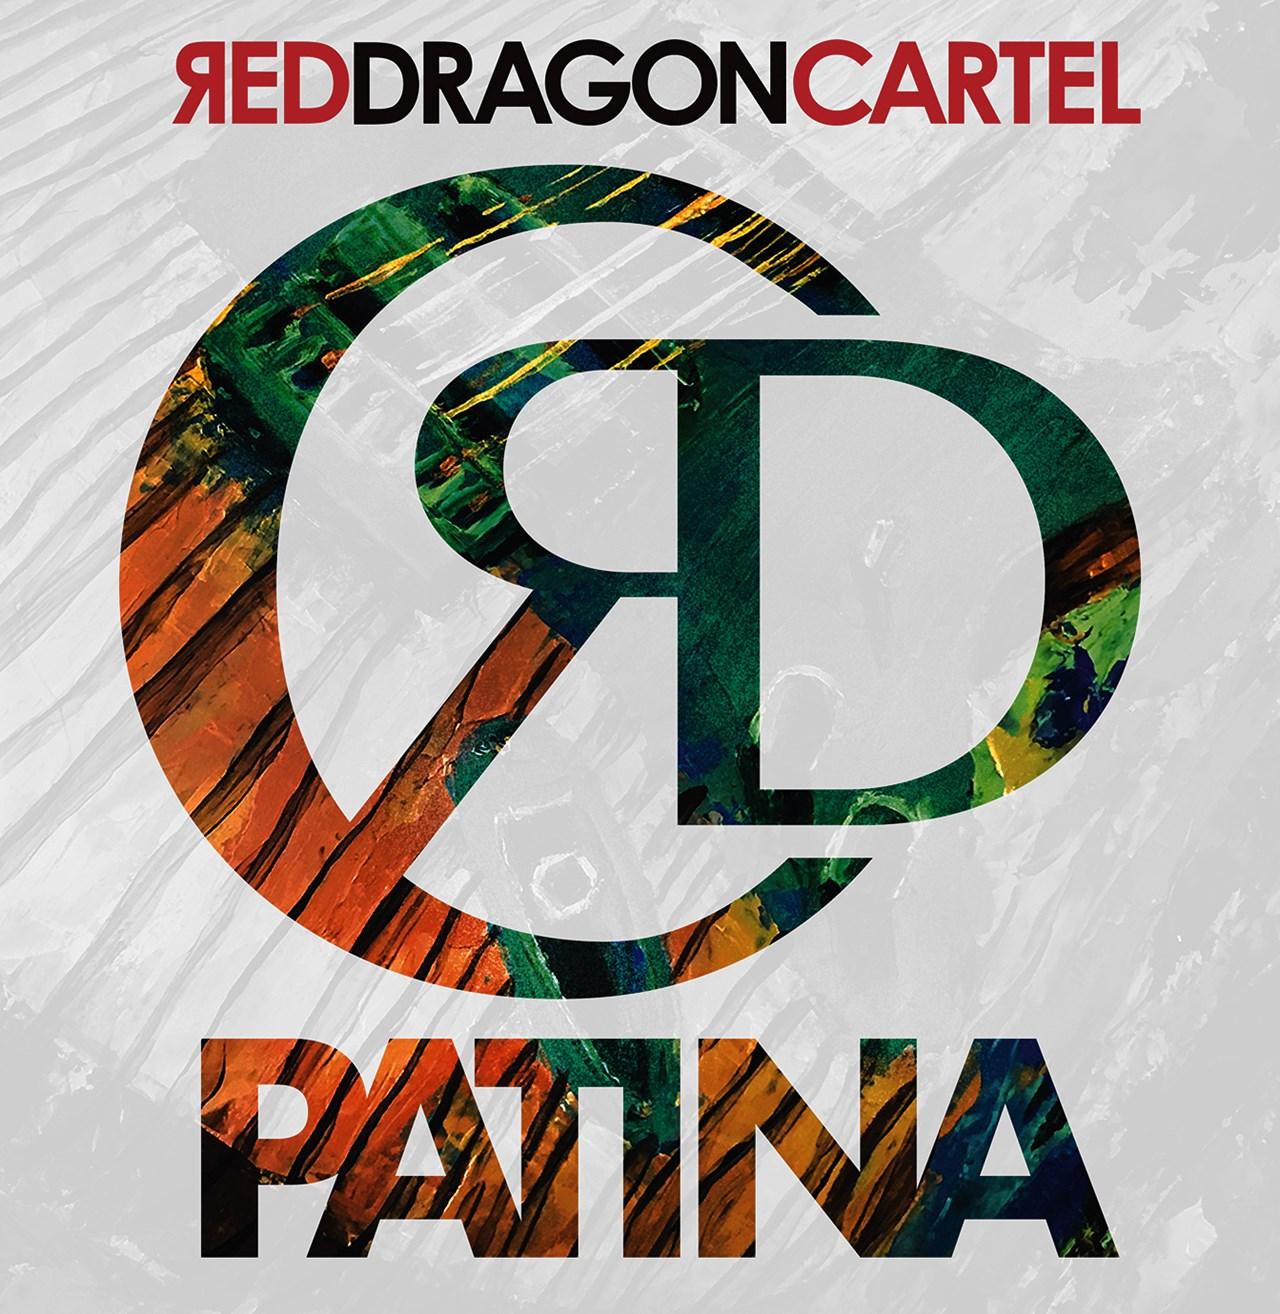 Patina - 1